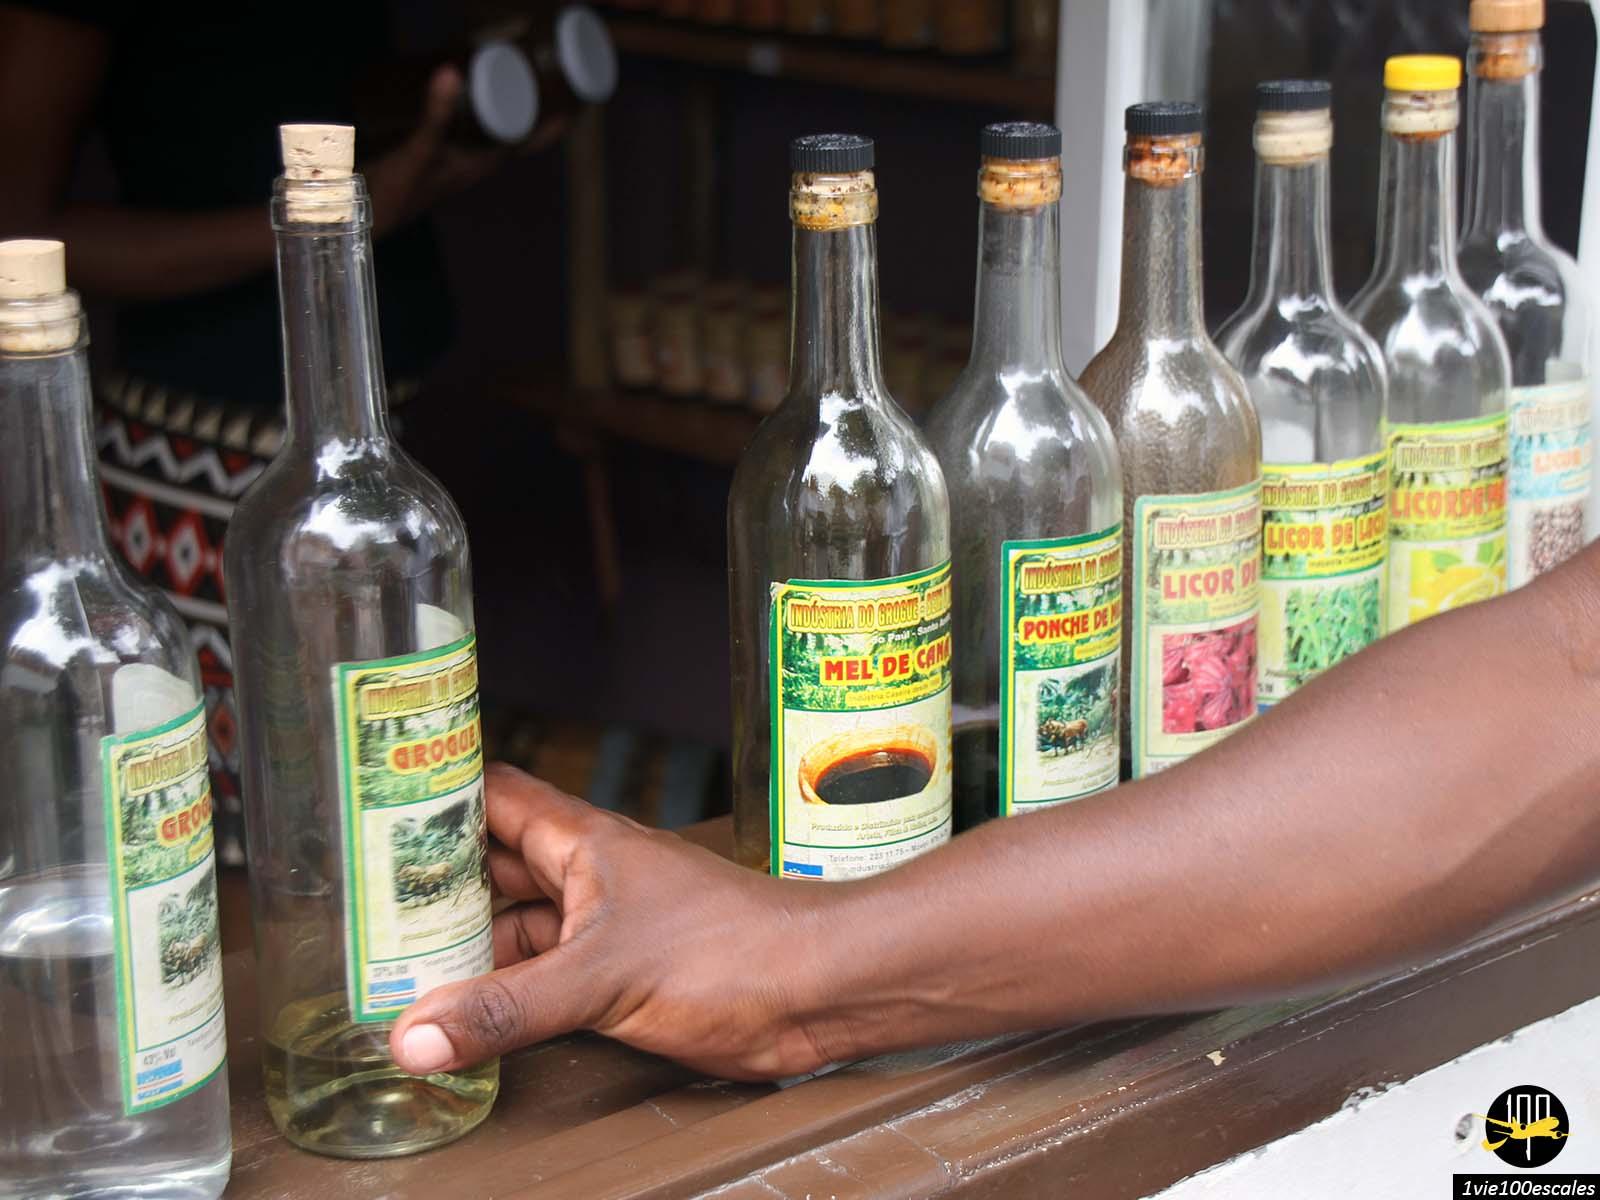 Vente de grogue artisanal sur l'île de Santo Antao au Cap Vert